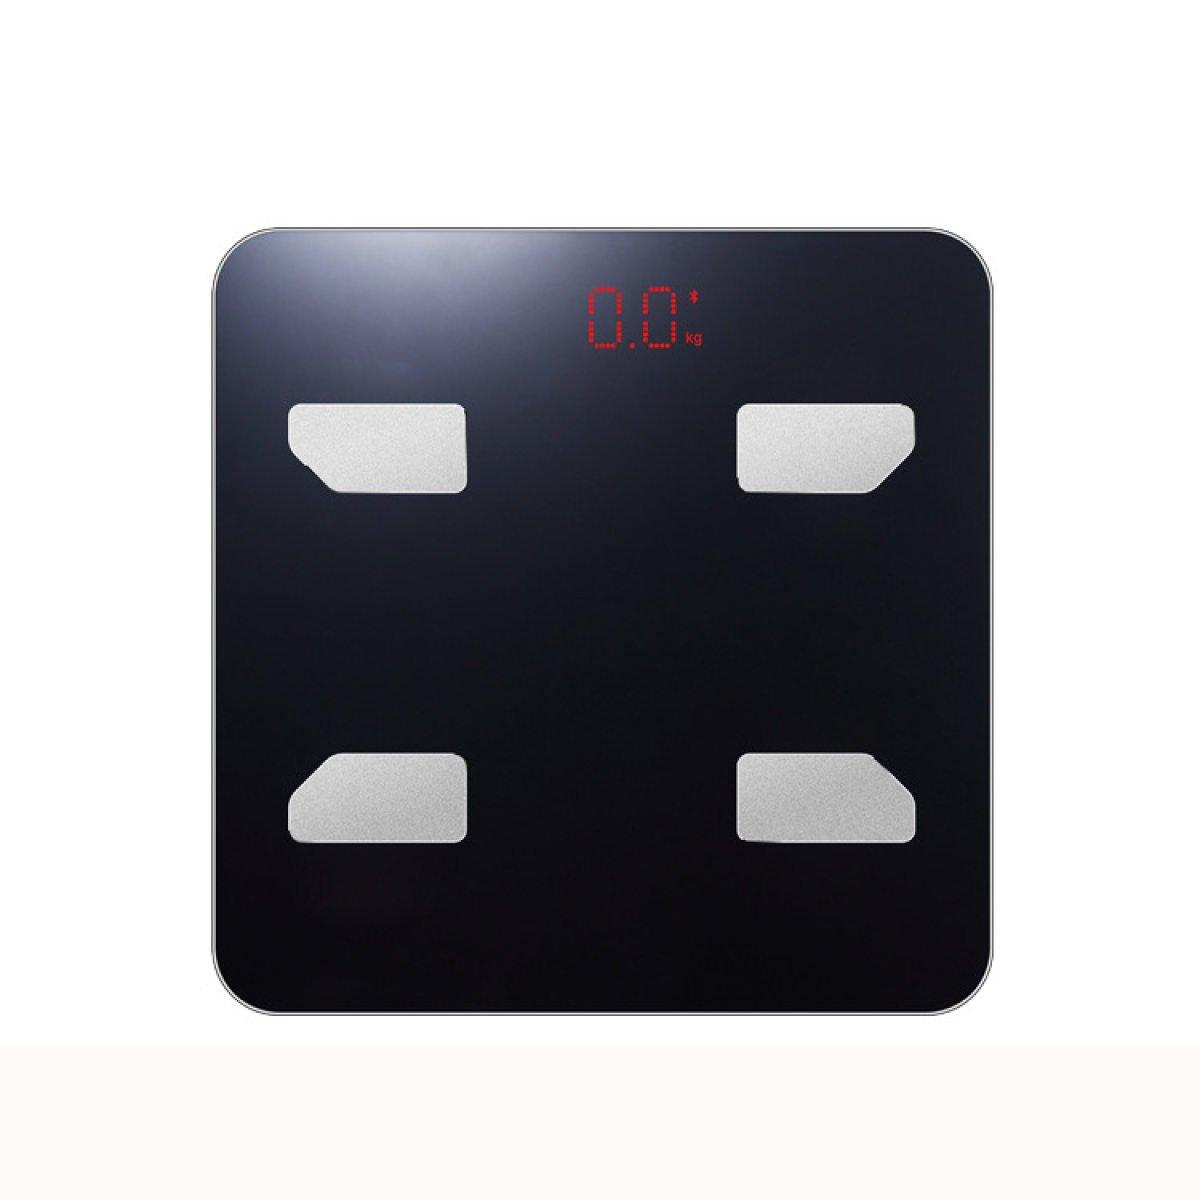 Grasas Hogar Escala De Peso Inteligente Bluetooth Básculas Inteligentes Para Adultos,Black: Amazon.es: Hogar